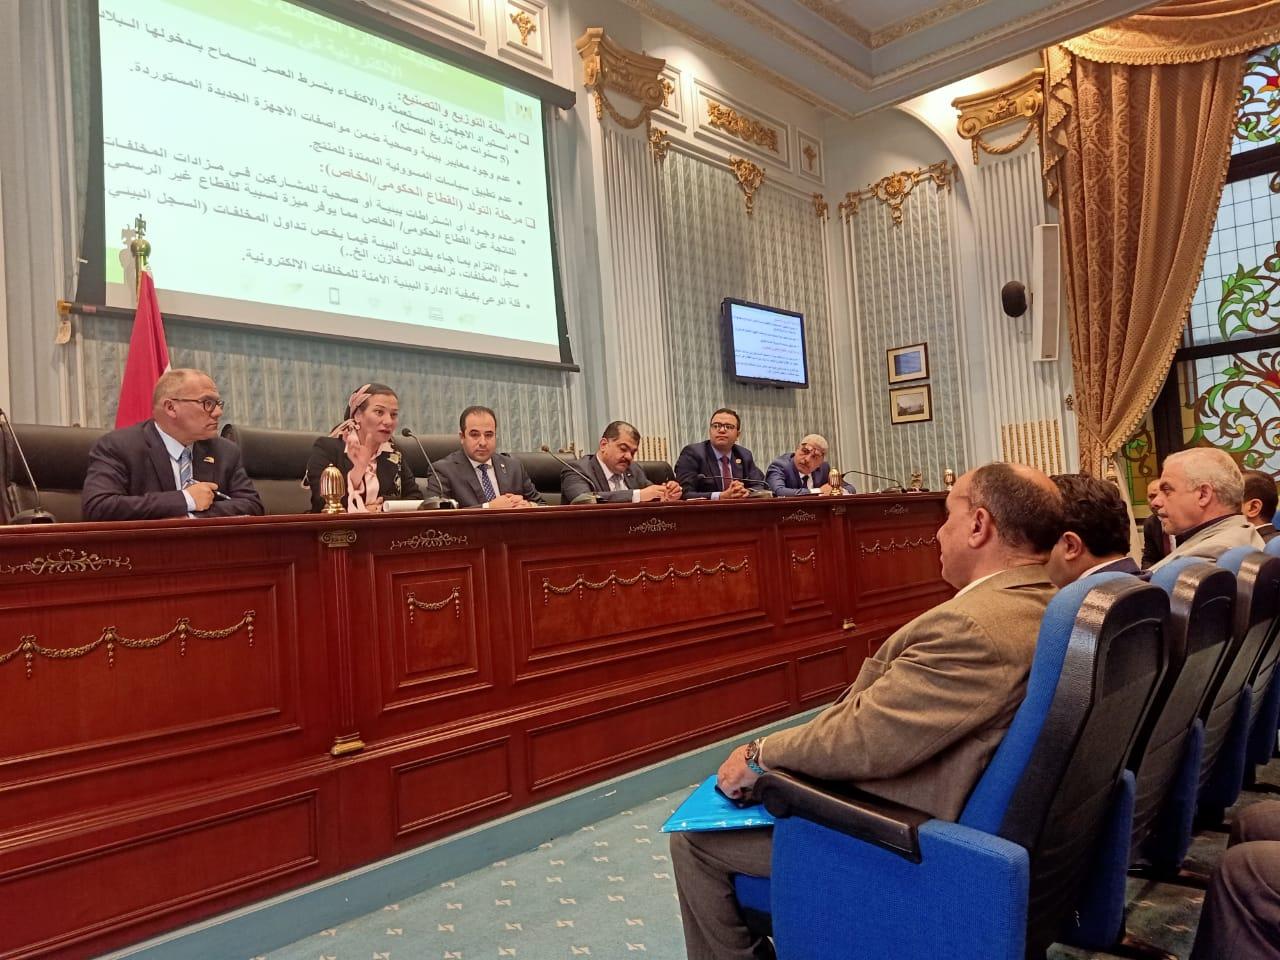 وزيرة البيئة: وضع منظومة للإدارة المتكاملة للمخلفات الإلكترونية